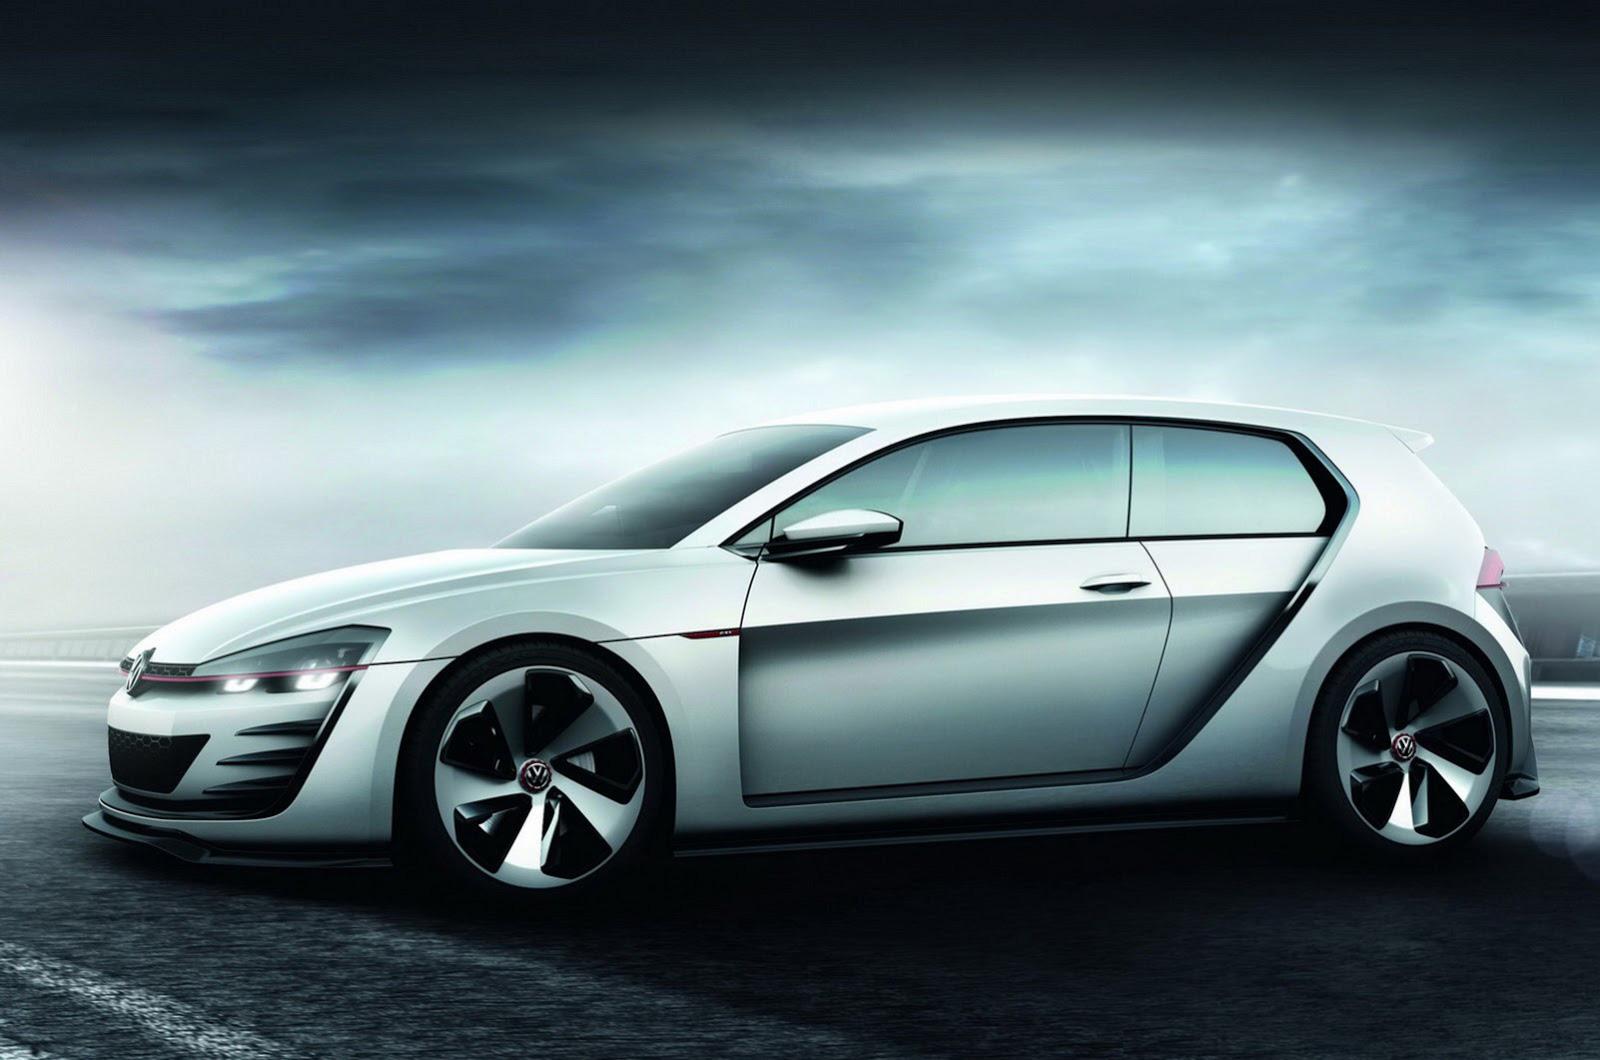 volkswagen golf design vision gti concept car gallery. Black Bedroom Furniture Sets. Home Design Ideas